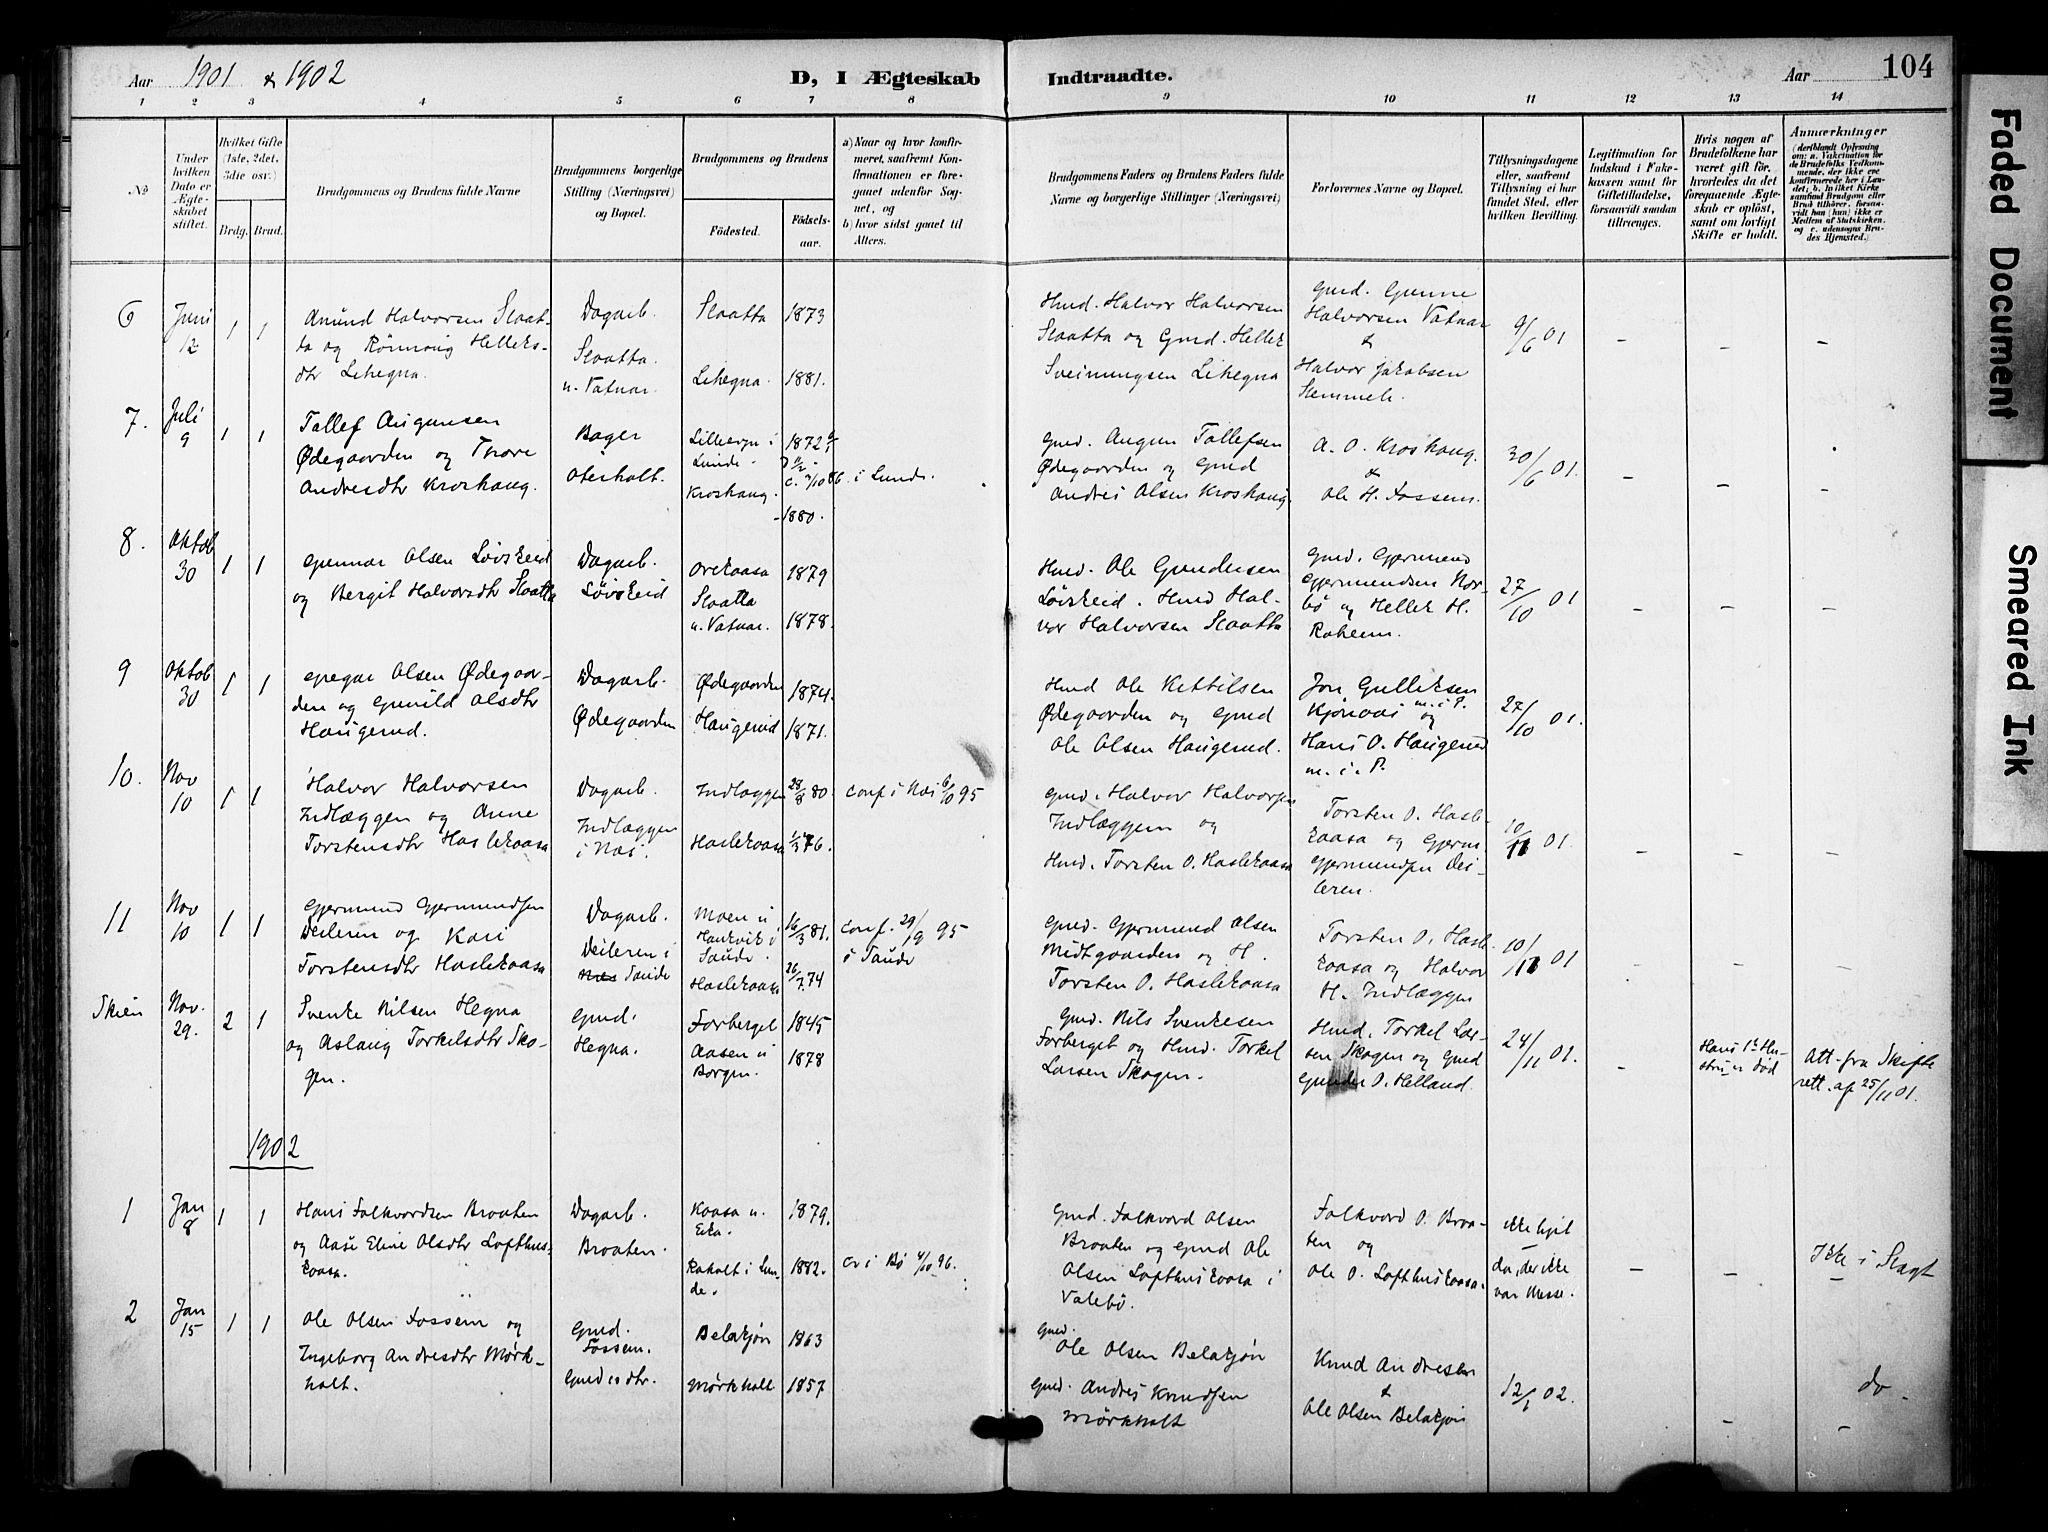 SAKO, Bø kirkebøker, F/Fa/L0012: Ministerialbok nr. 12, 1900-1908, s. 104